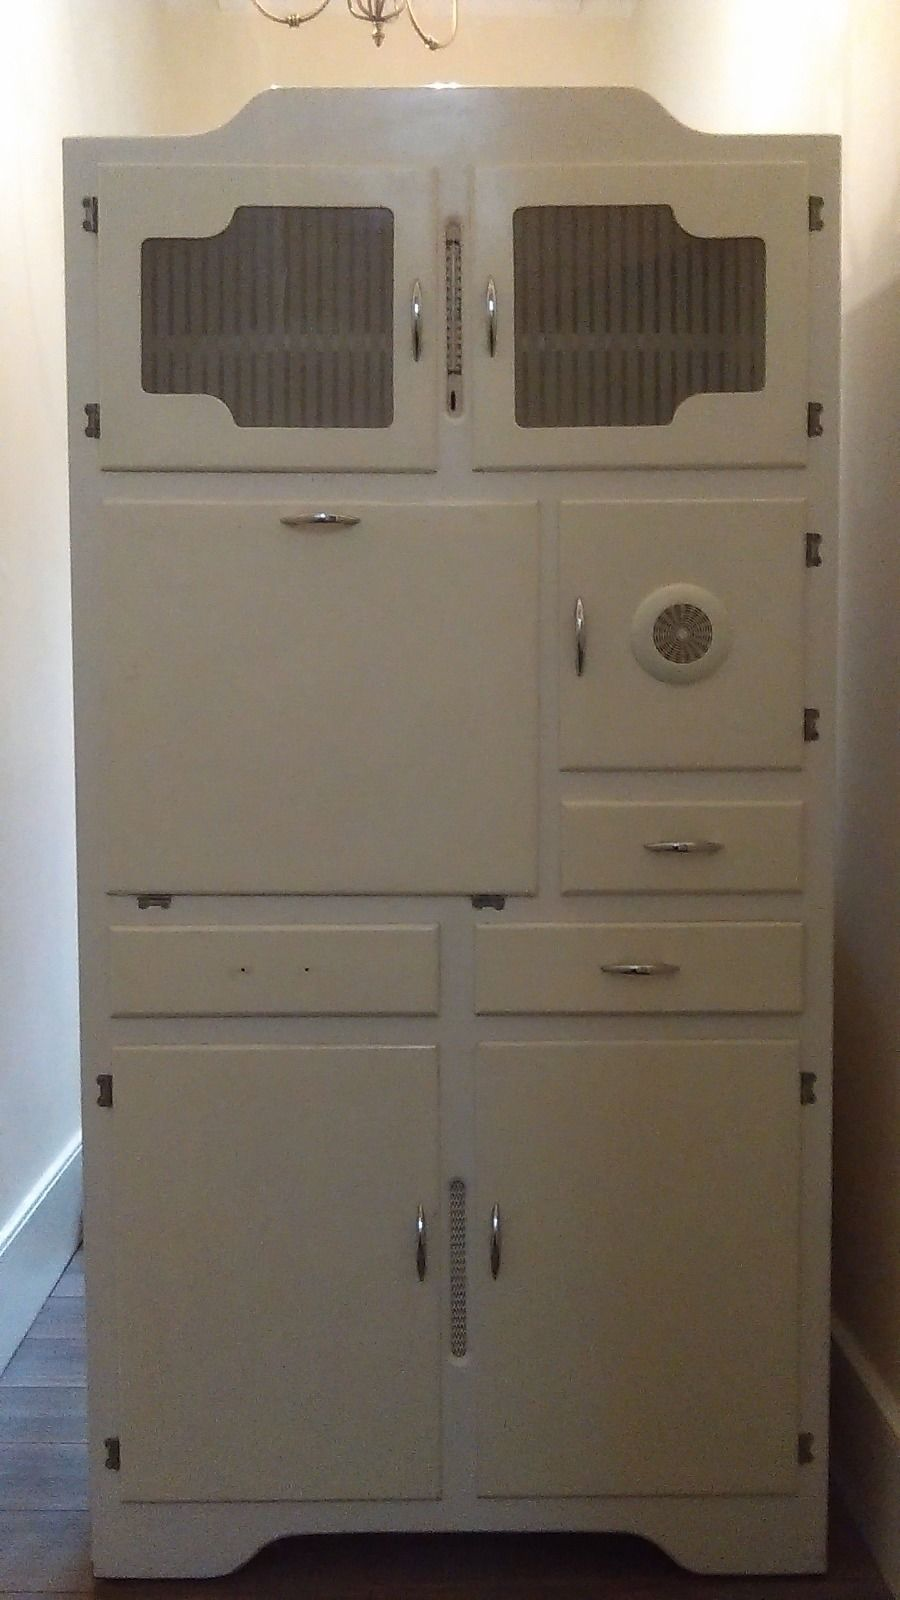 Vintage 1960s Kitchen Cupboardlarderkitchenette Ebay Hoosier